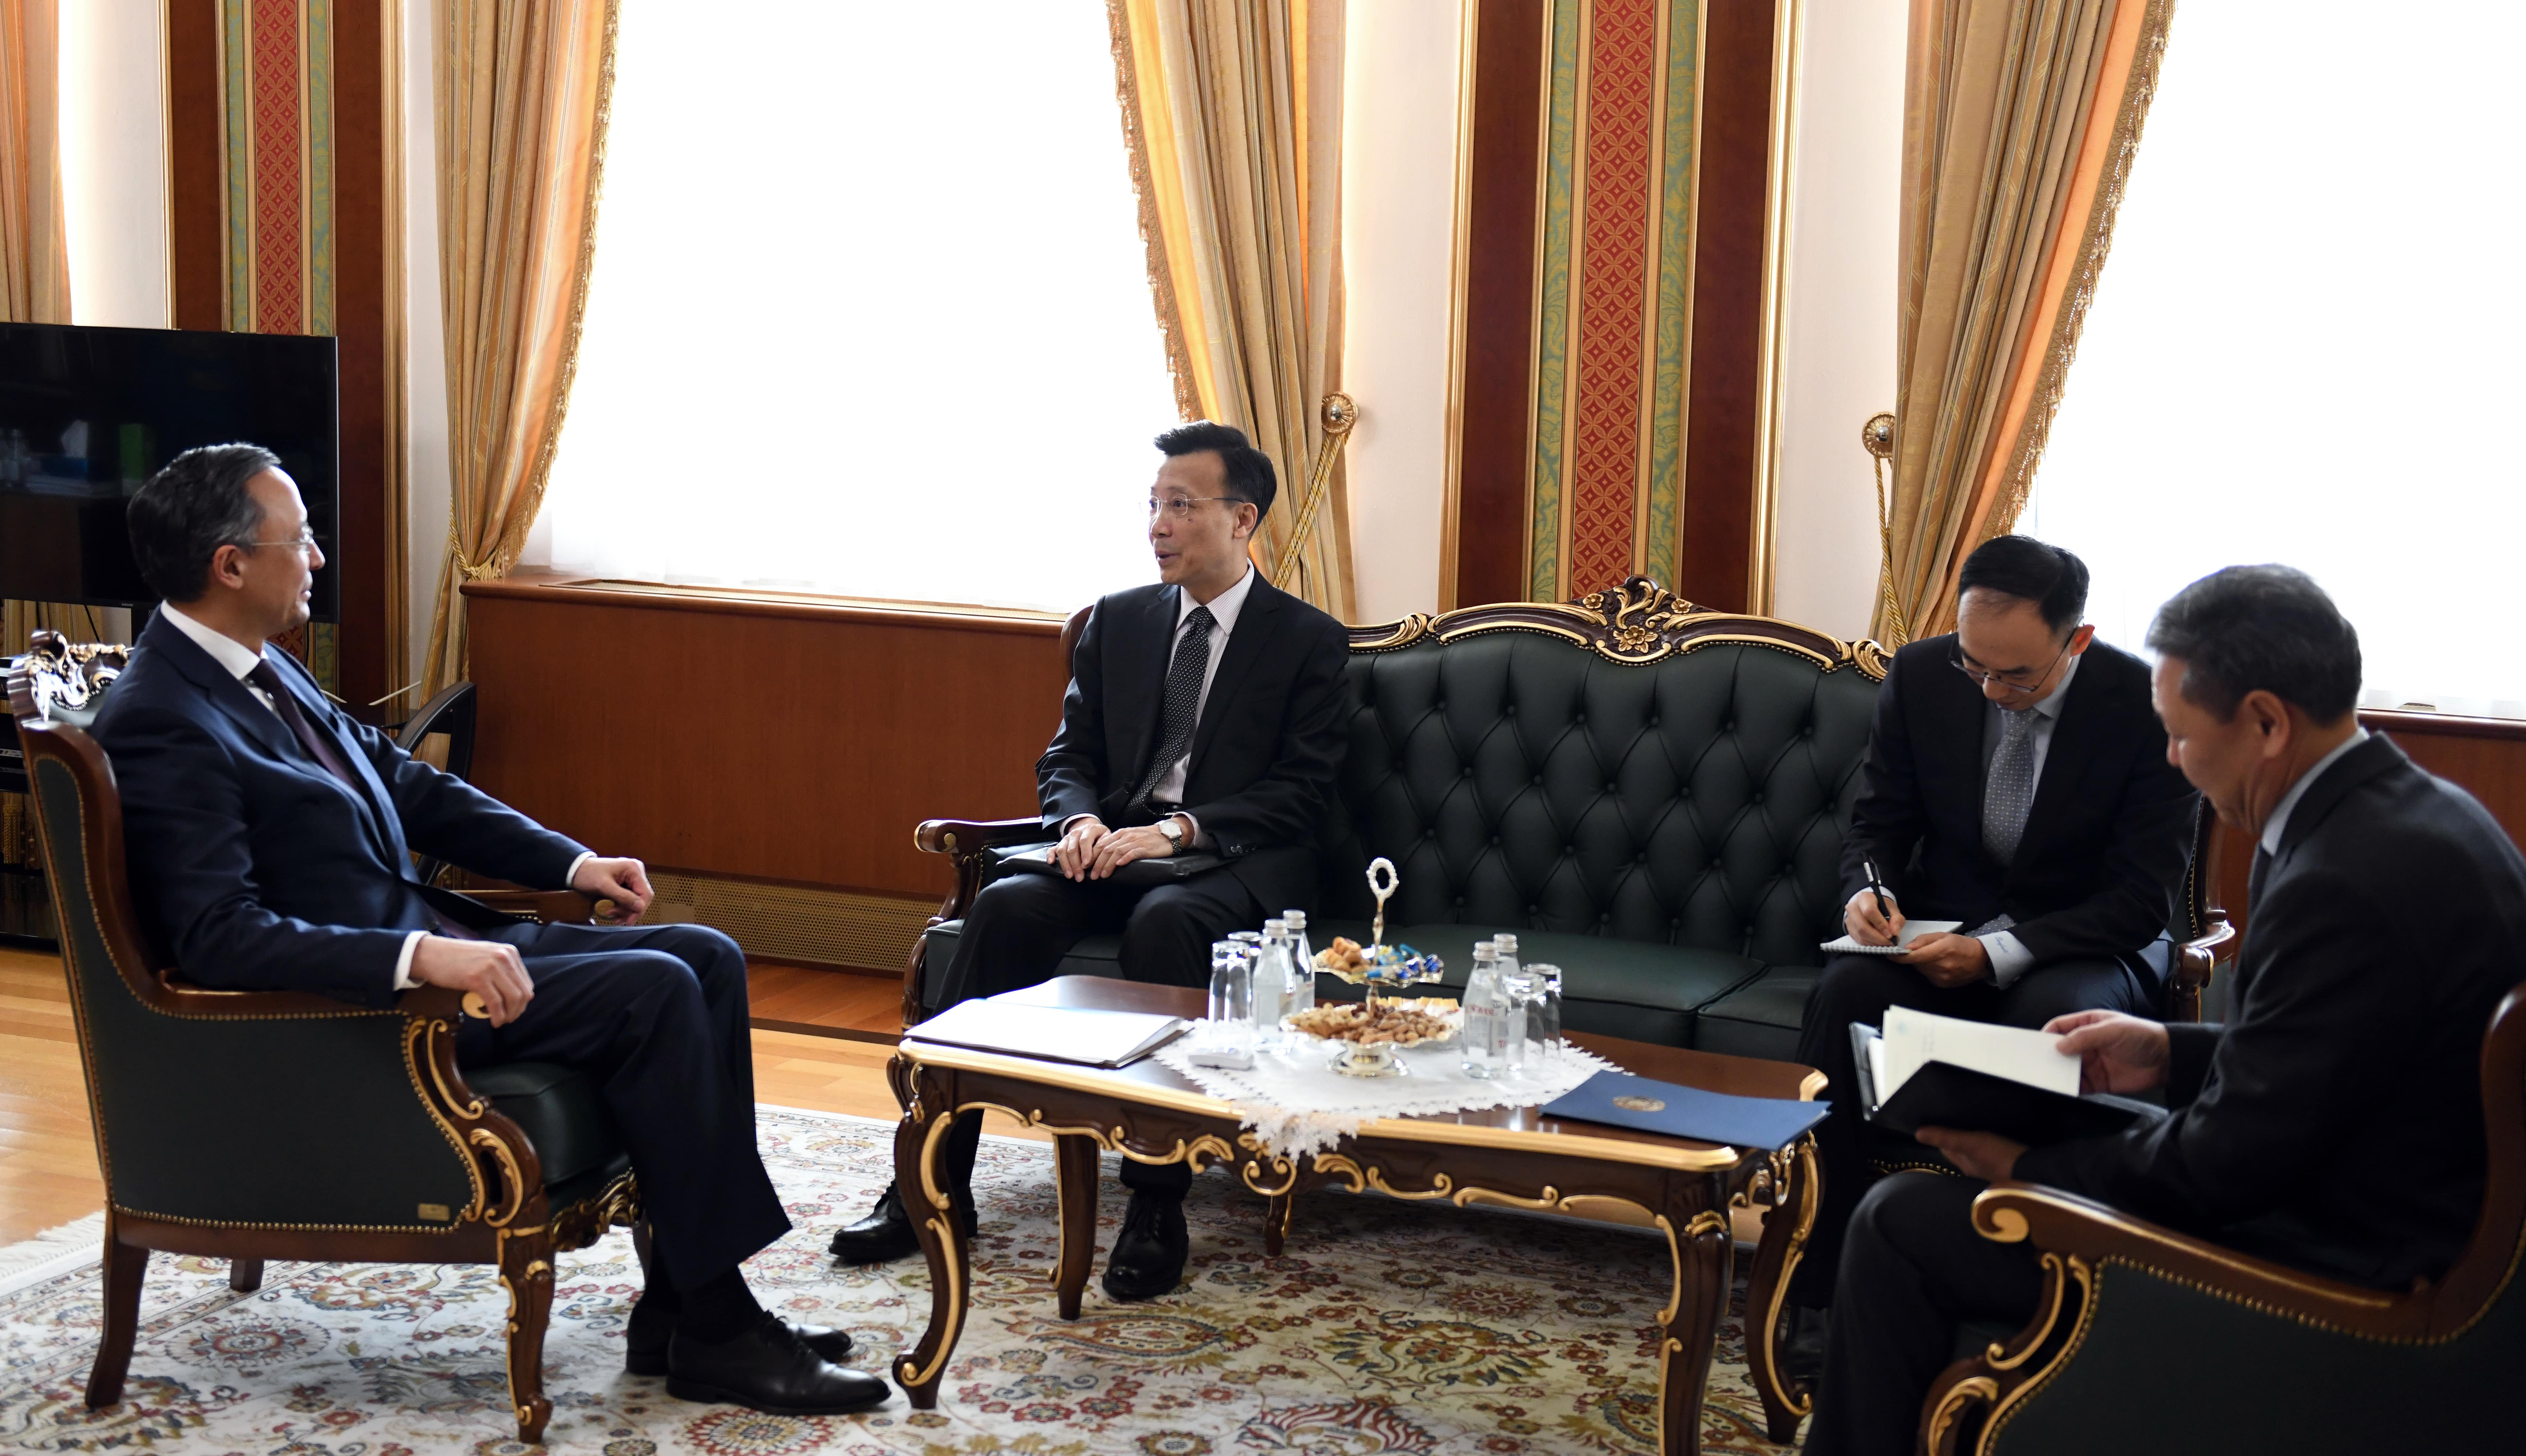 Глава МИД РК на встрече с послом КНР поставил вопрос возобновления выдачи виз